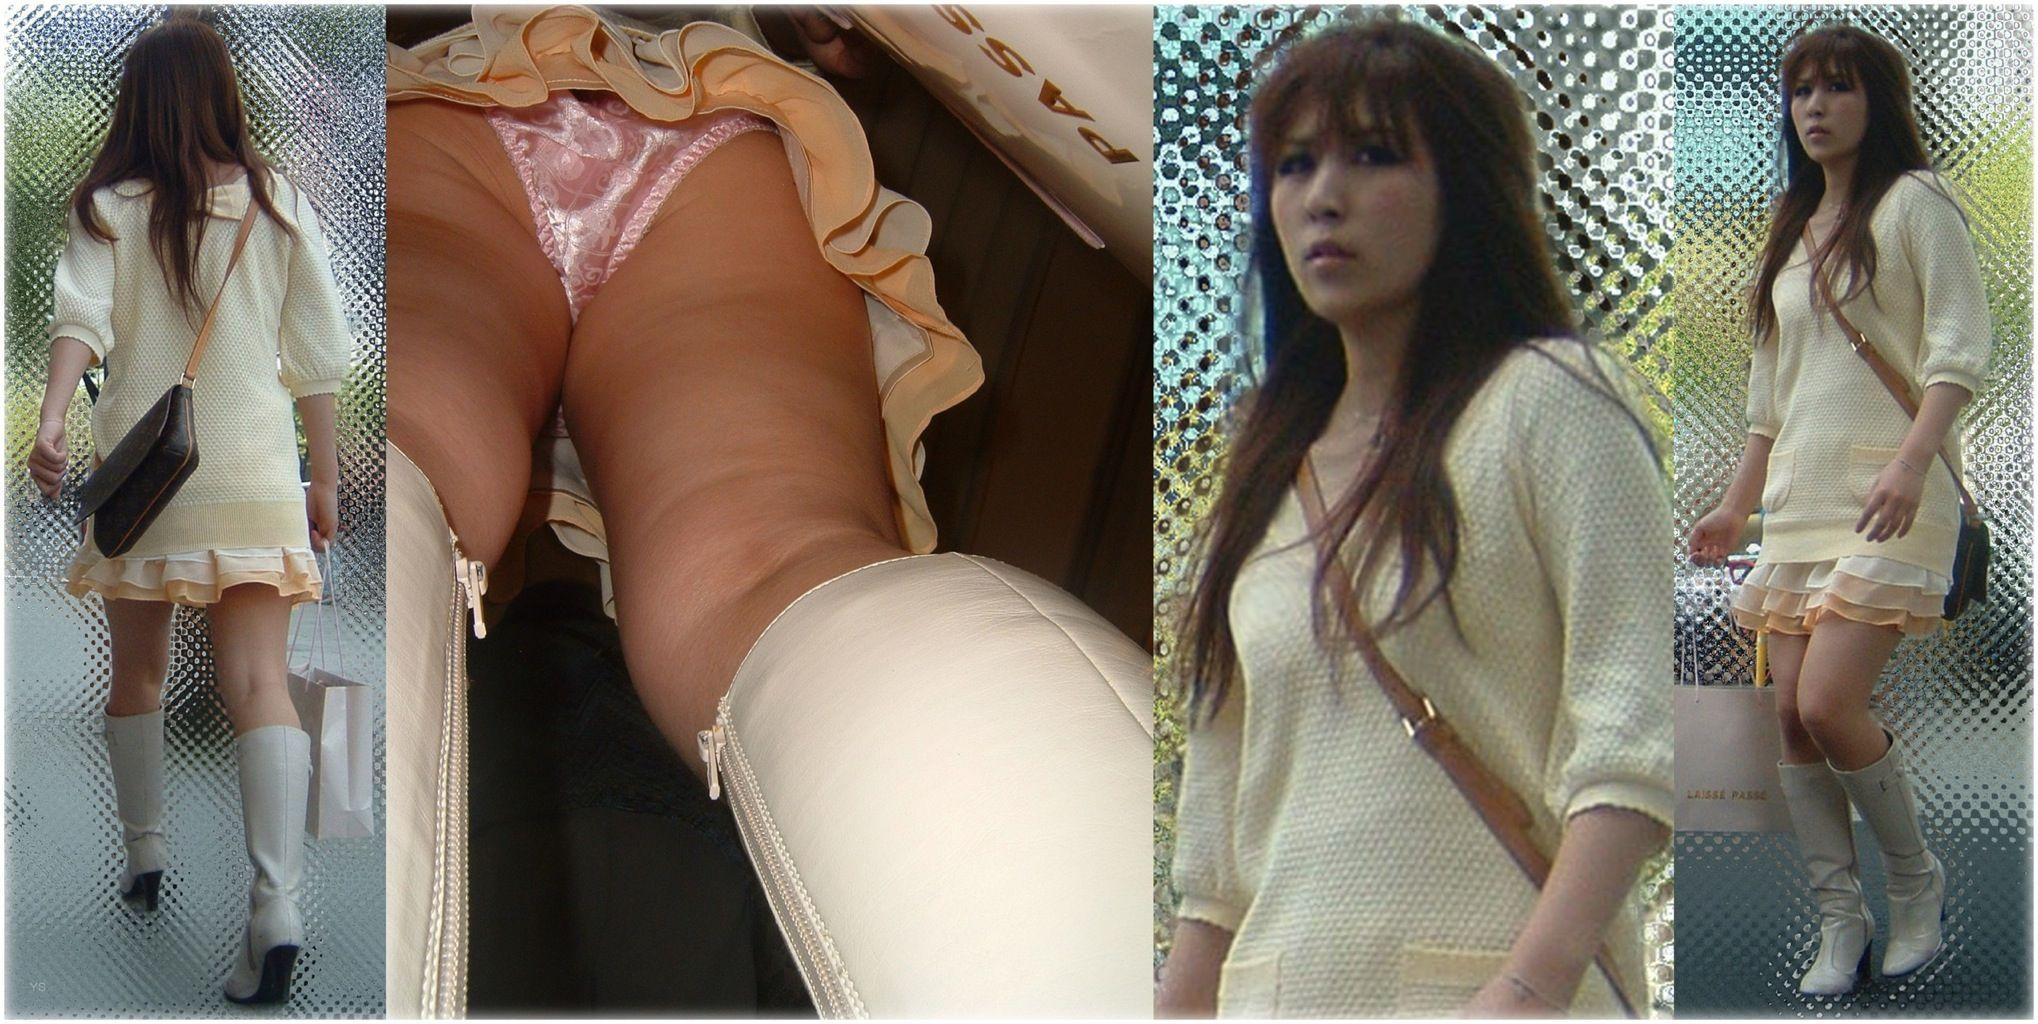 美女のスカート内のサテン素材パンツを隠し撮り!